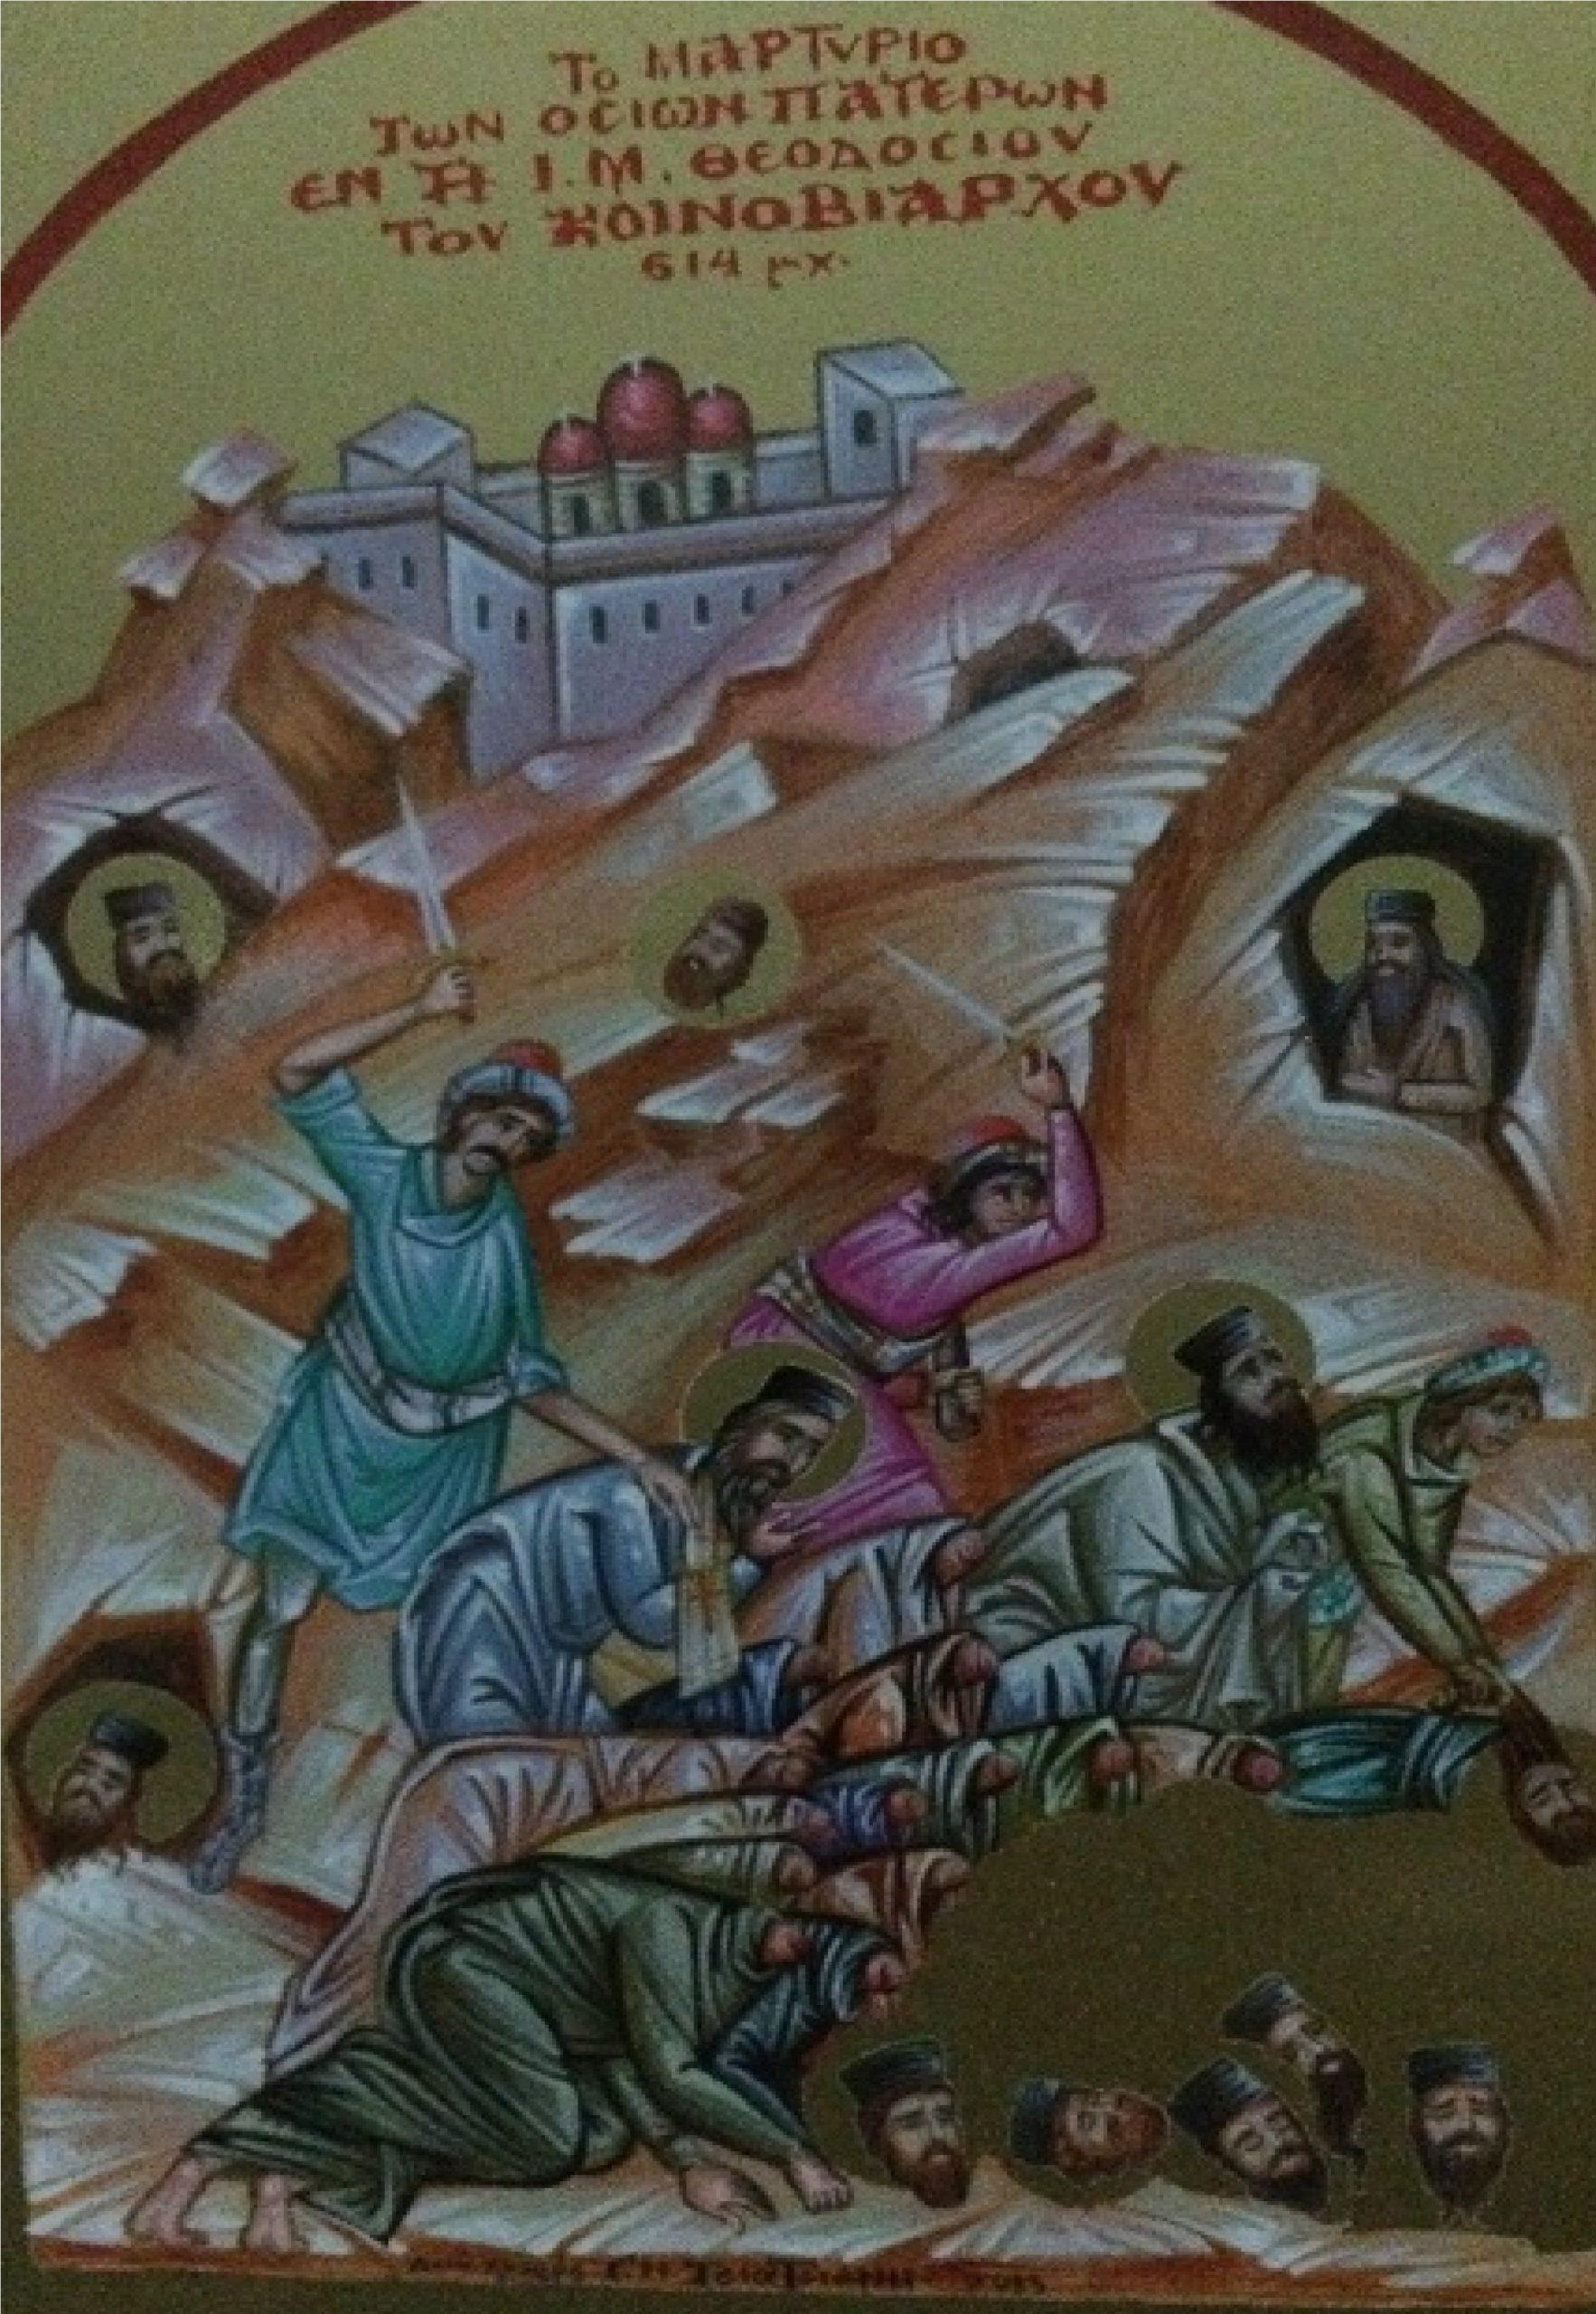 Die glorreichen Märtyrer vom Kloster des Heiligen Theodosiou